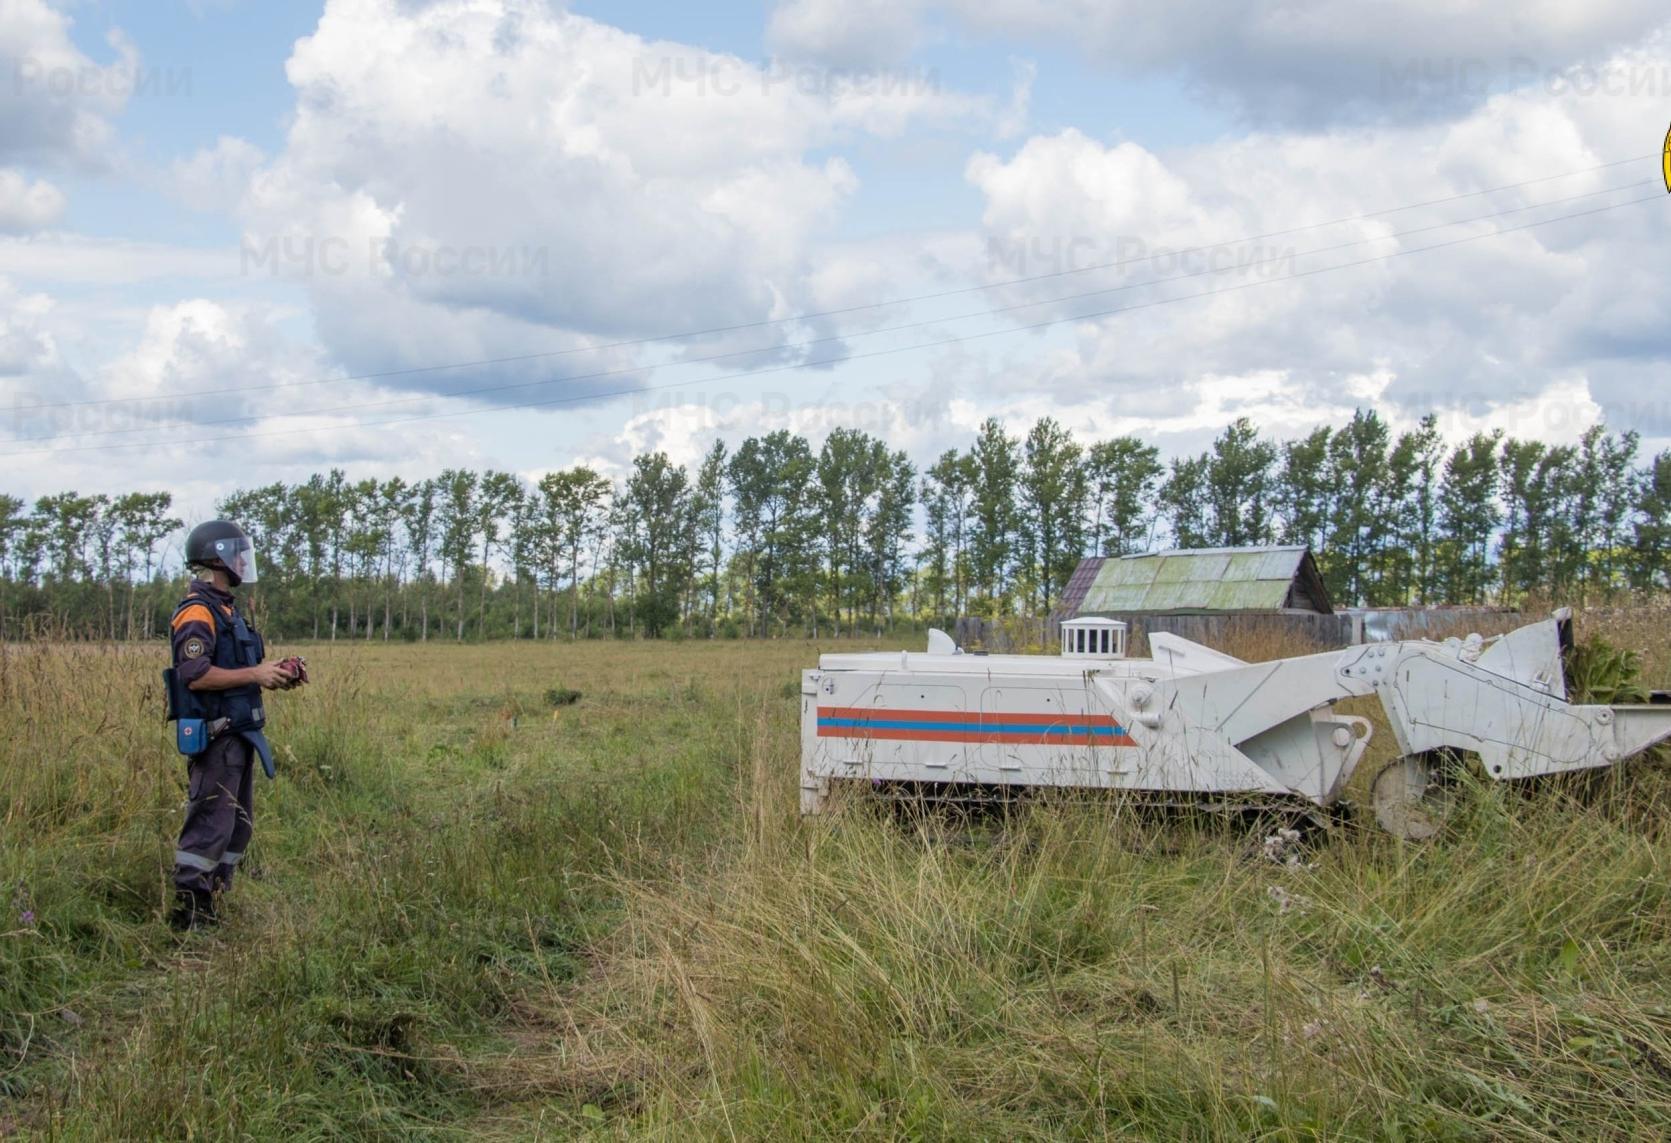 Неразорвавшиеся снаряды в Тверской области ищут с помощью роботов и беспилотника